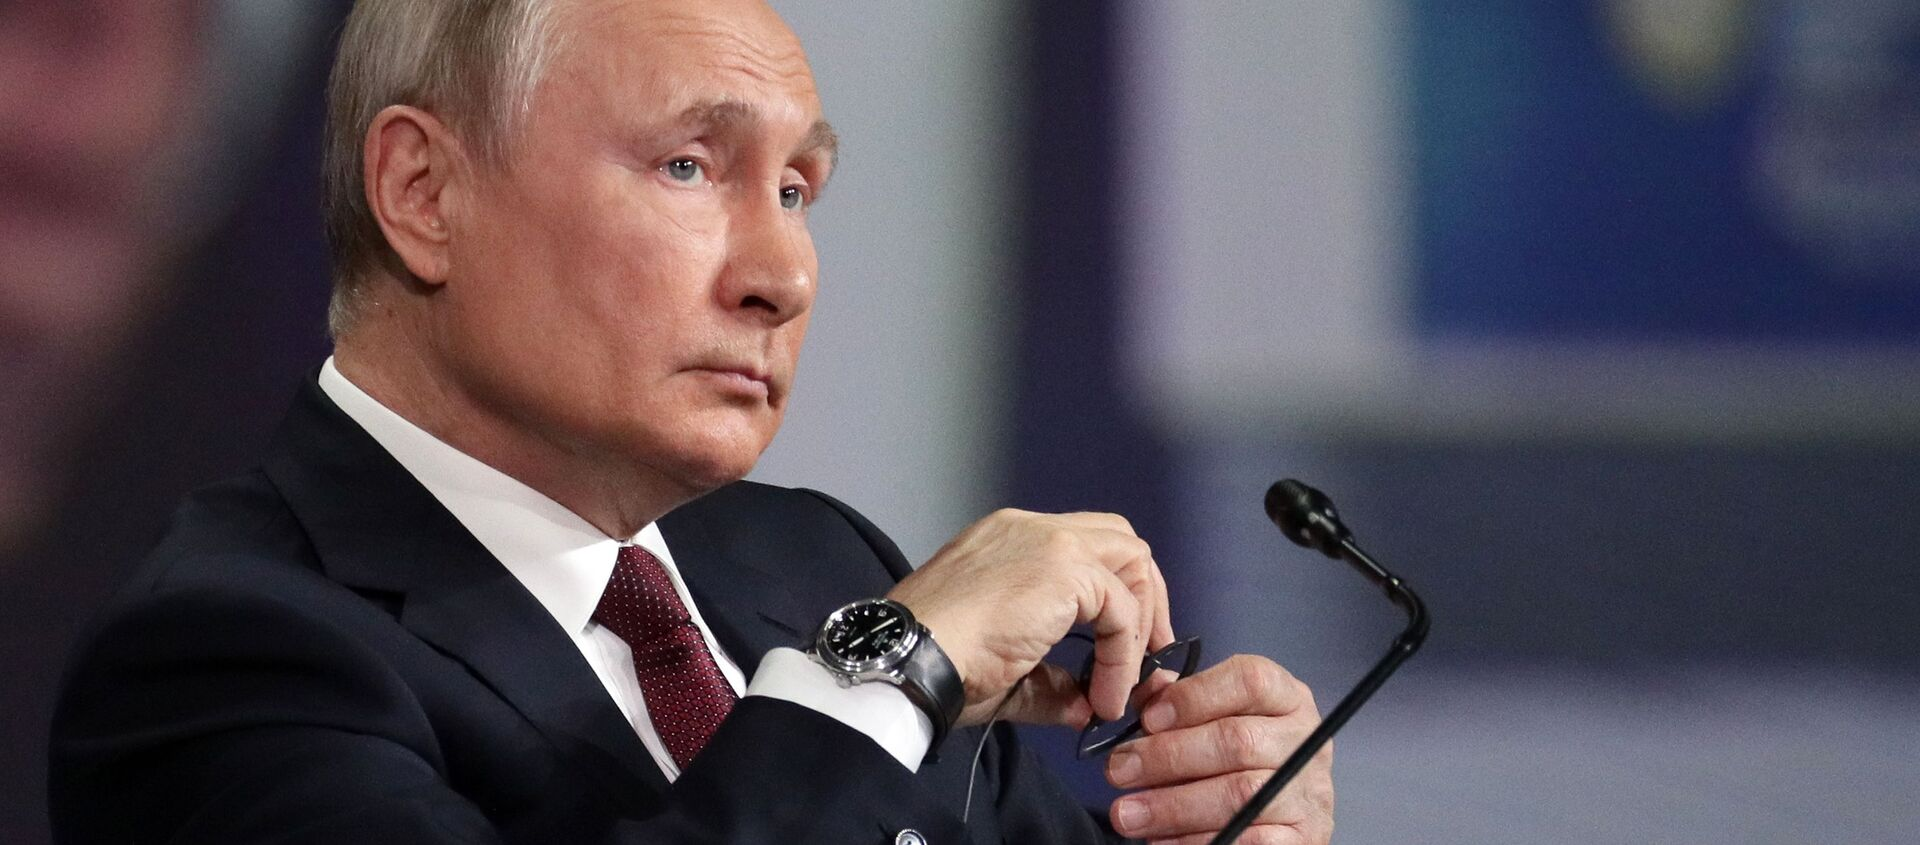 Prezydent Rosji Władimir Putin na Międzynarodowym Forum Ekonomicznym w Petersburgu, 5 czerwca 2021 r. - Sputnik Polska, 1920, 09.06.2021